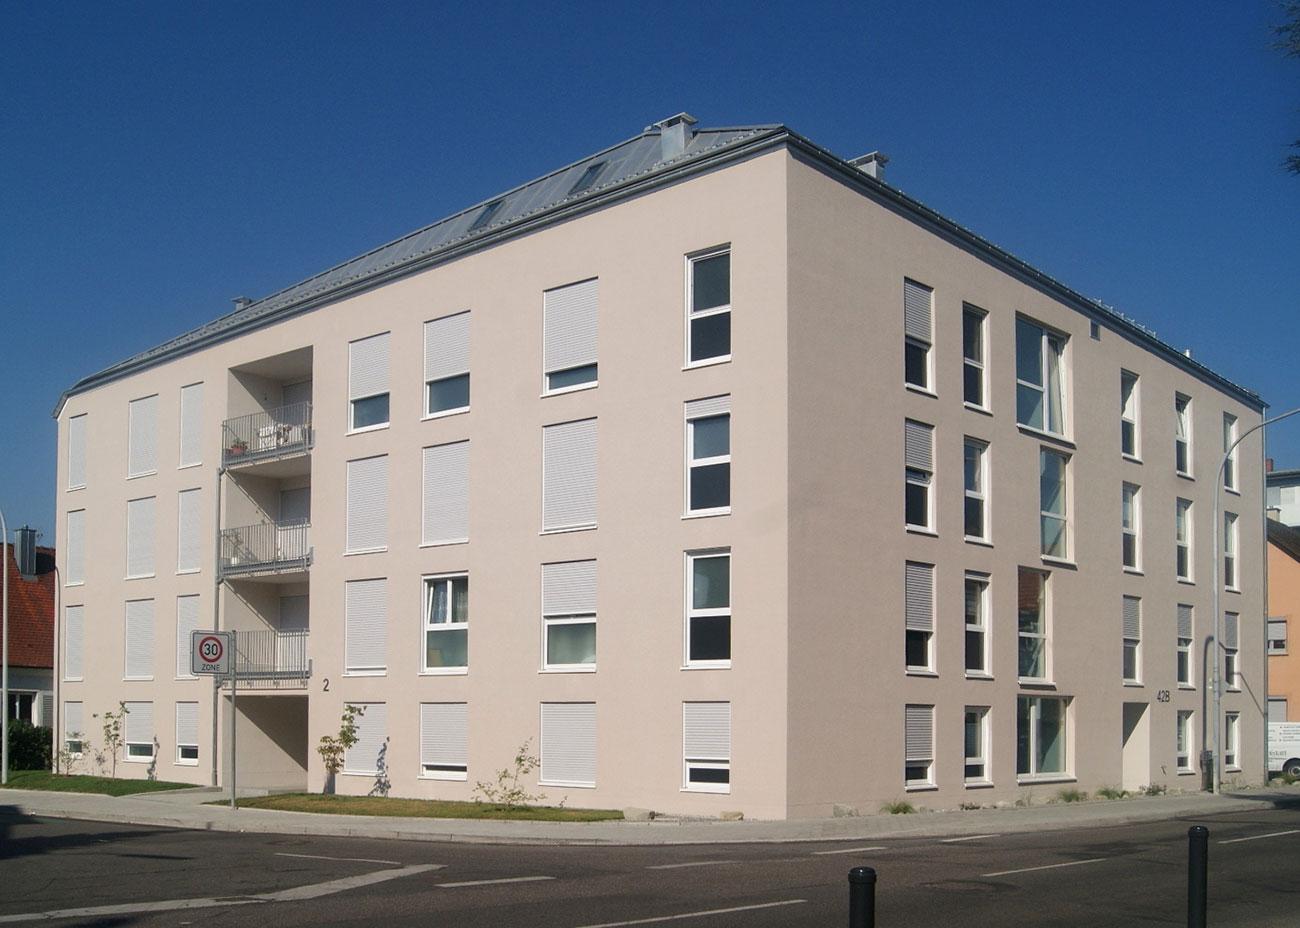 Neubau Mehrfamilienhaus Fürstenberg-/Hardtstrasse, Konstanz